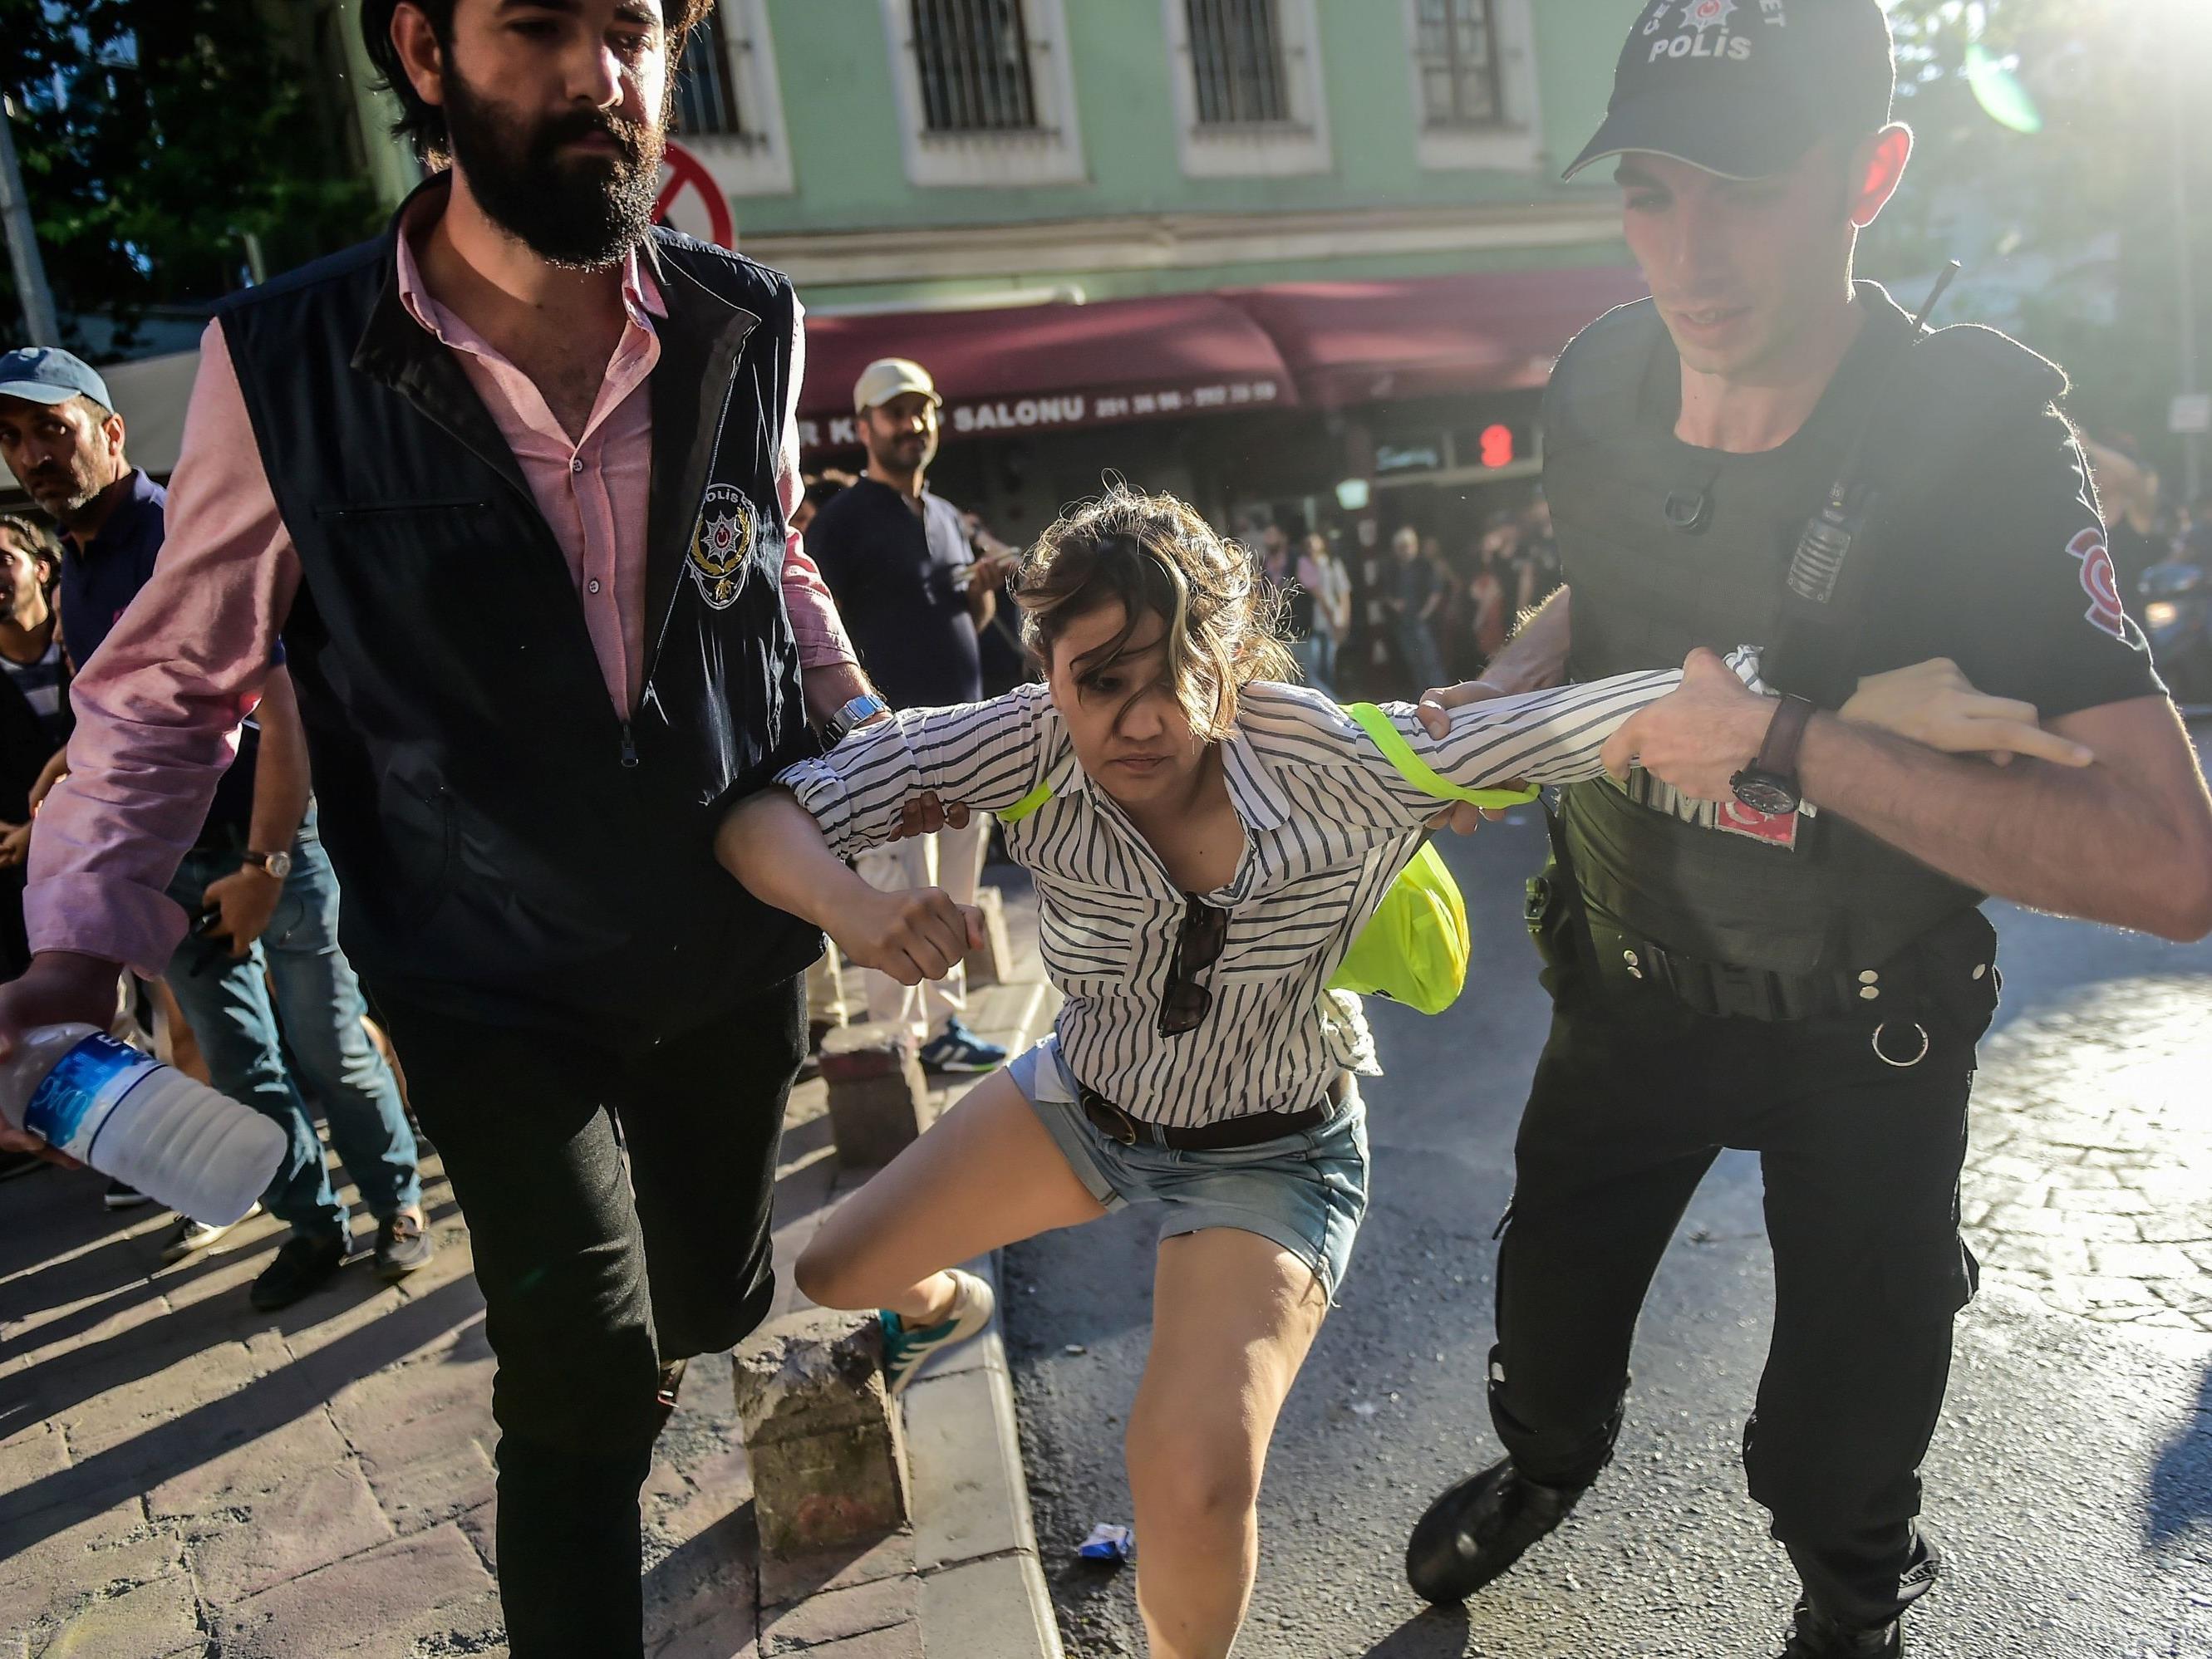 Türkische Polizisten gingen gehen Teilnehmer der Gay Pride Demo in Istanbul vor.